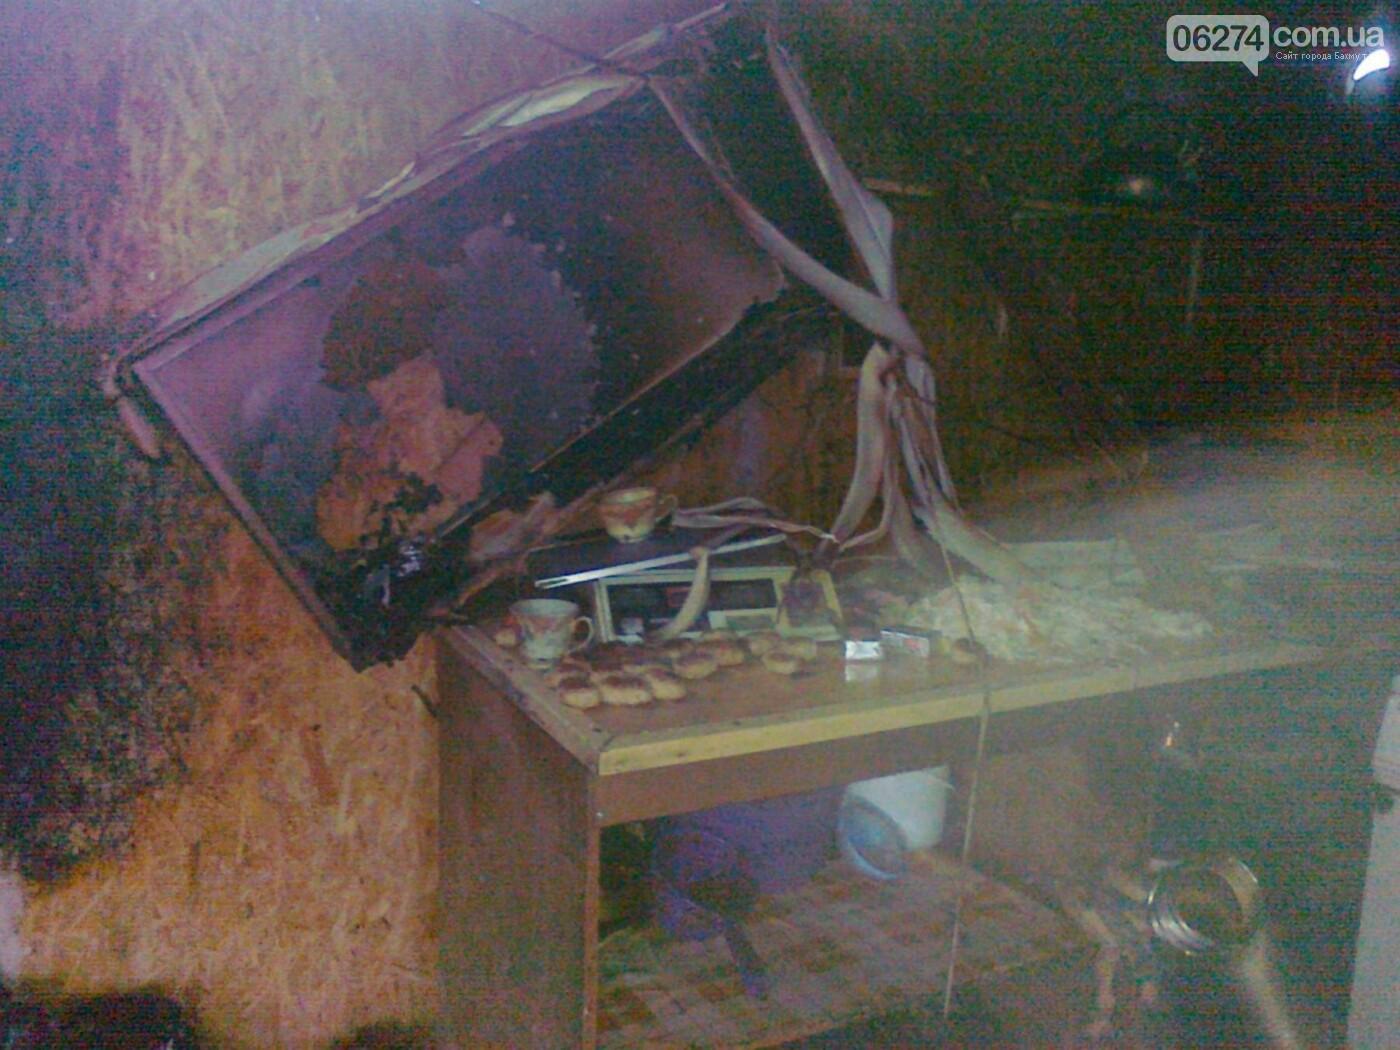 В Бахмуте загорелся киоск с фаст-фудом: пострадала женщина (ДОПОЛНЕНО), фото-1